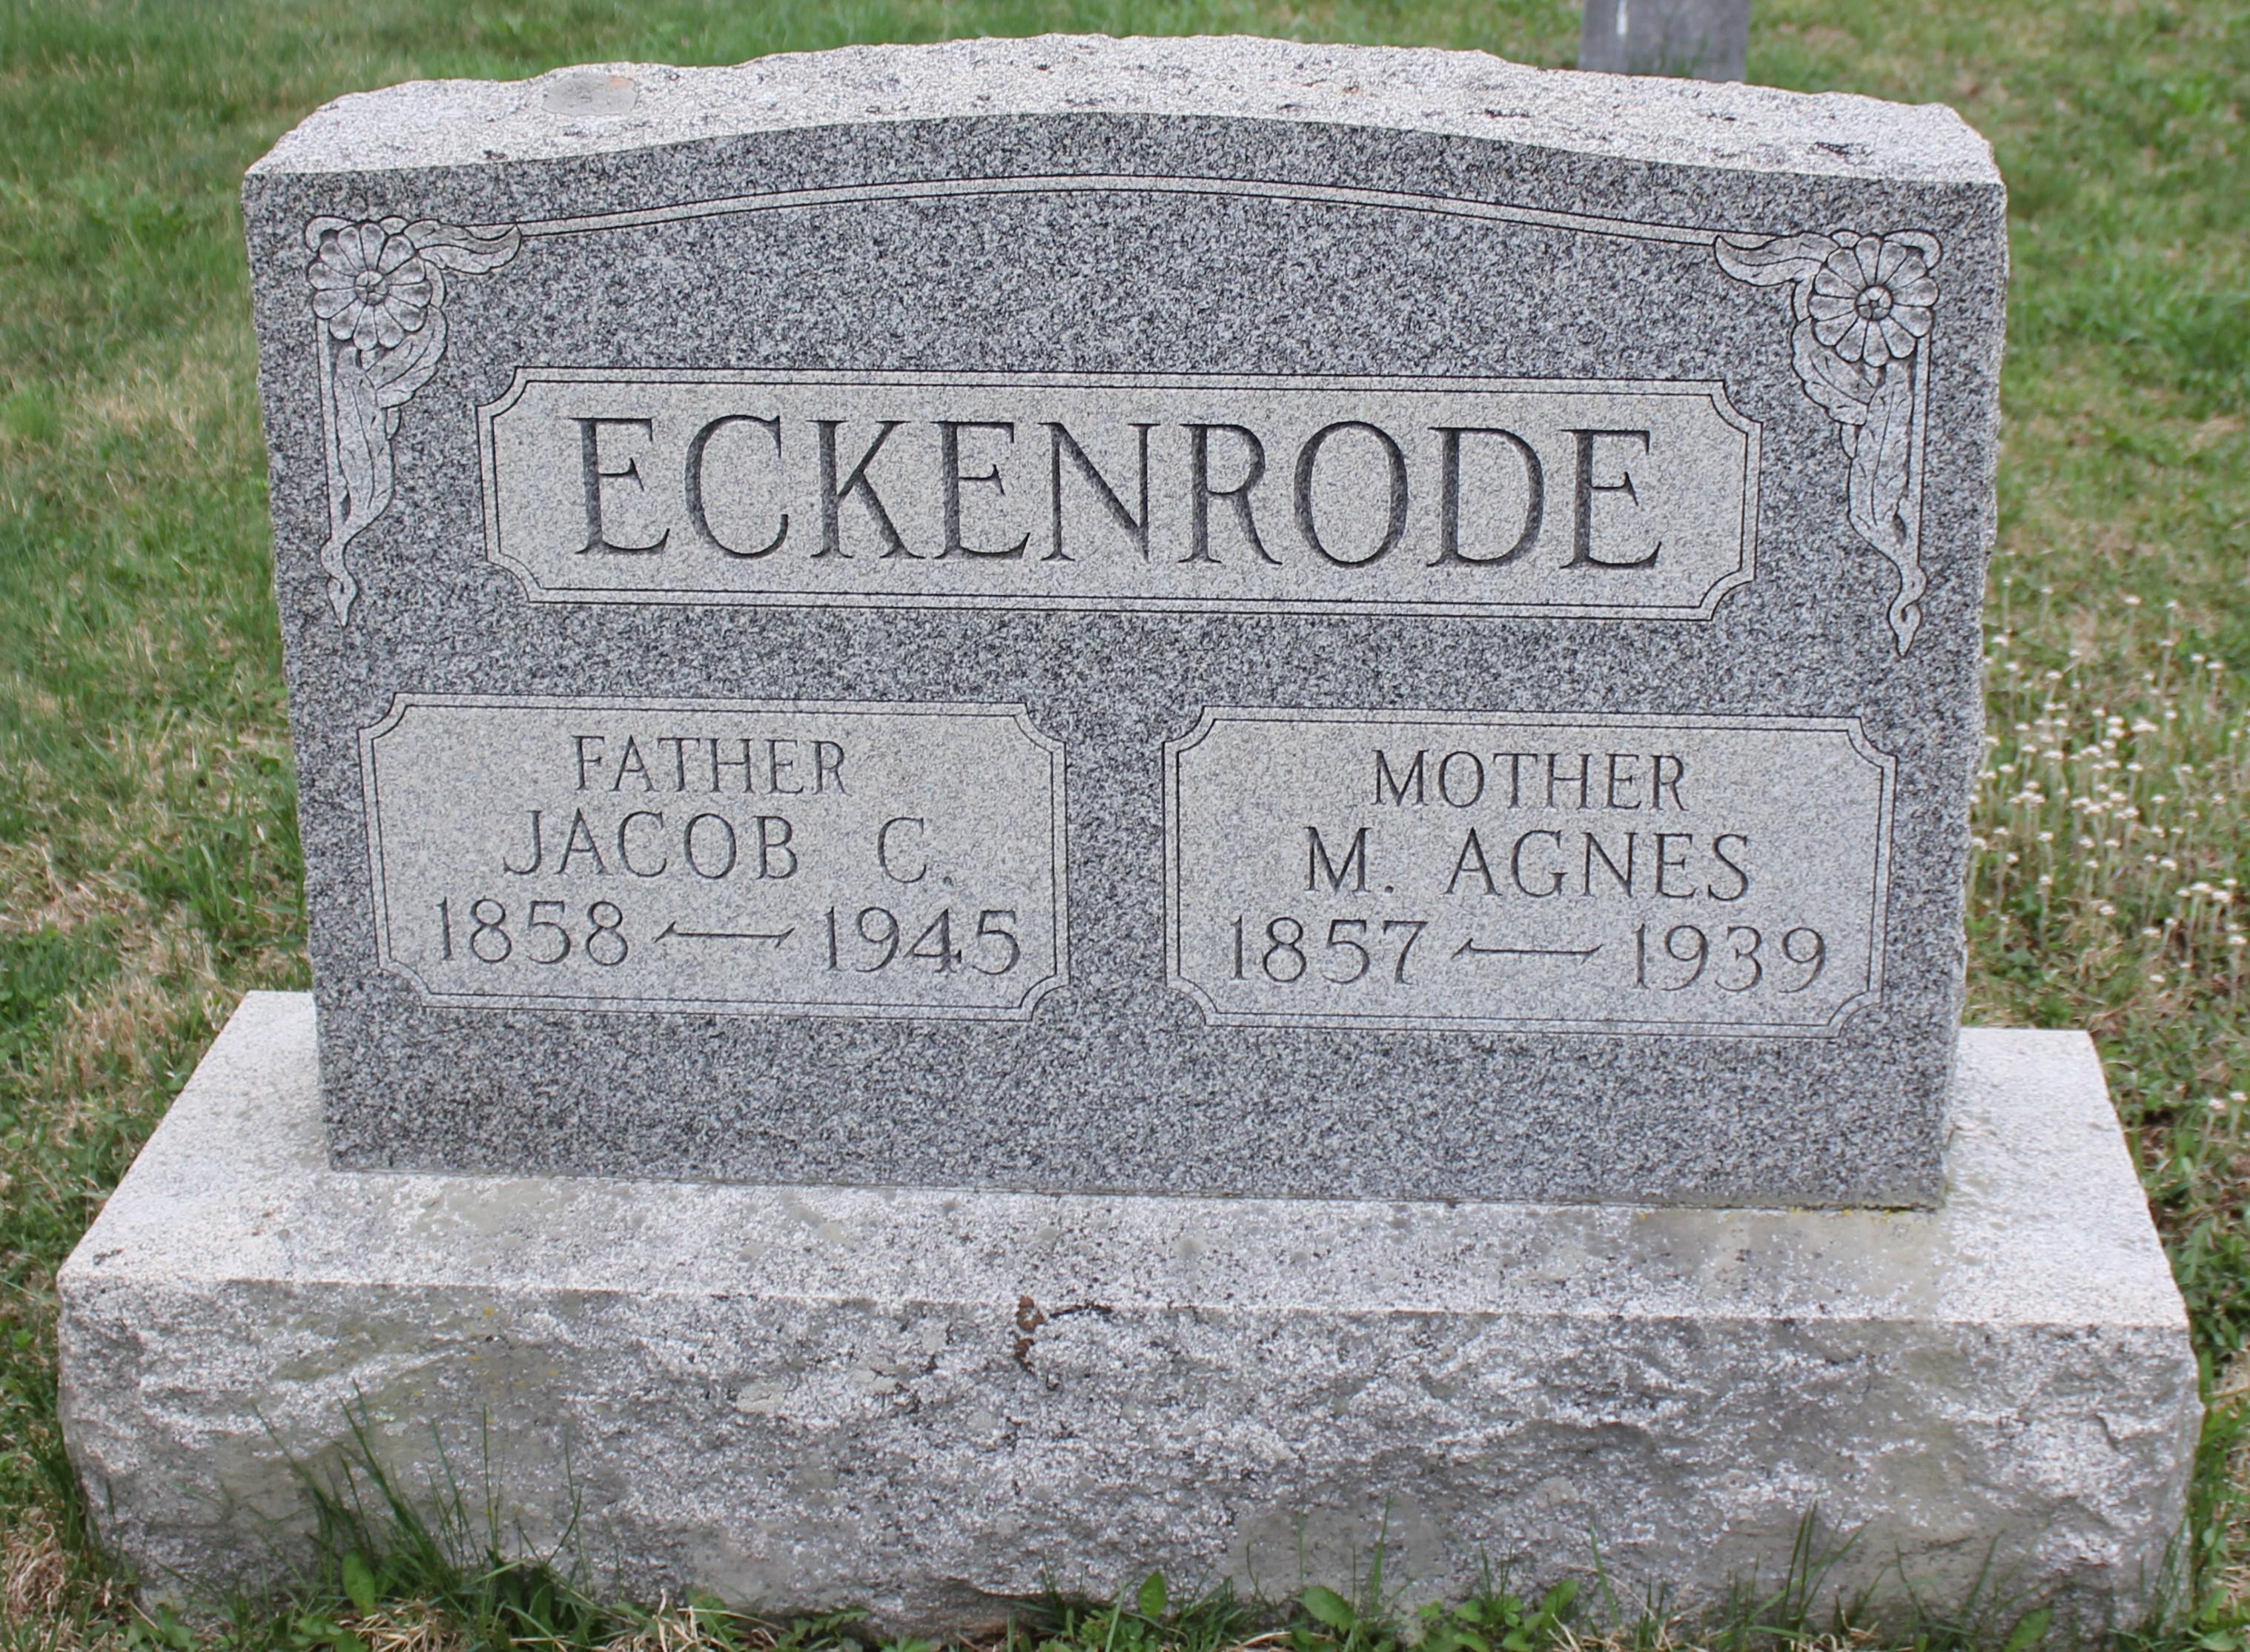 Jacob Cressler Eckenrode